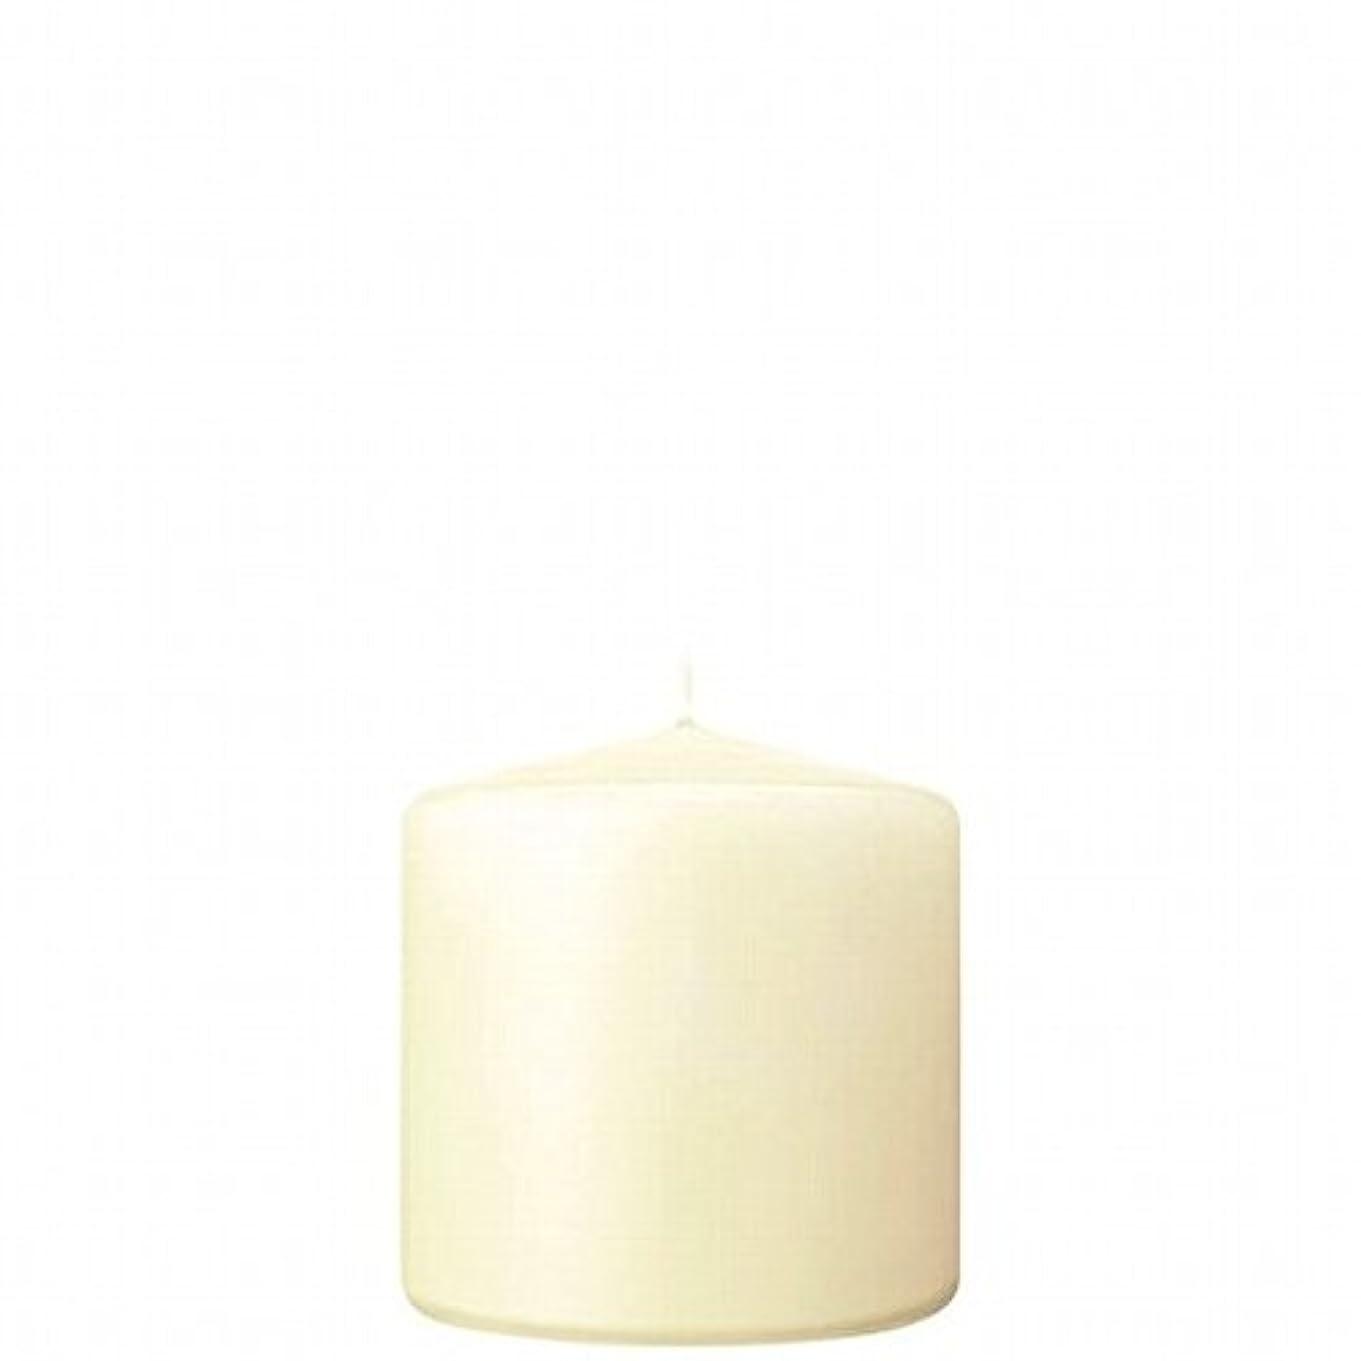 副詞記録グリースkameyama candle(カメヤマキャンドル) 3×3ベルトップピラーキャンドル 「 アイボリー 」(A9730000IV)